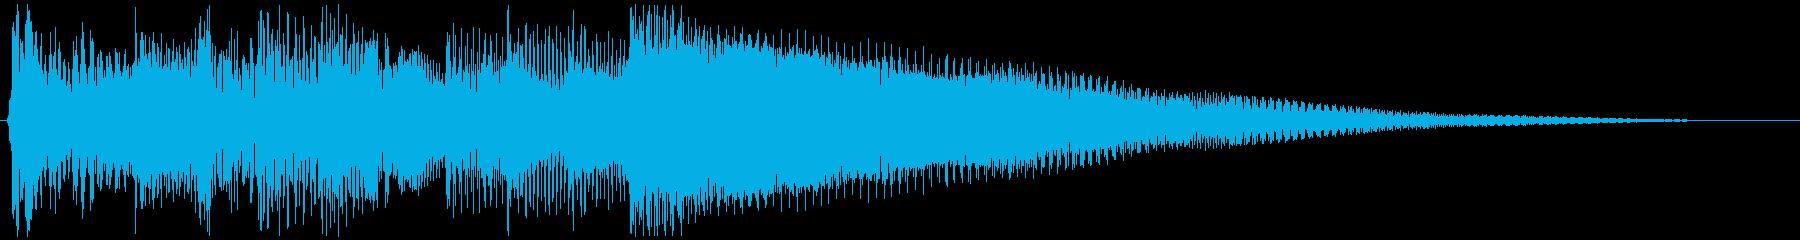 アコギの爽やかなジングルの再生済みの波形